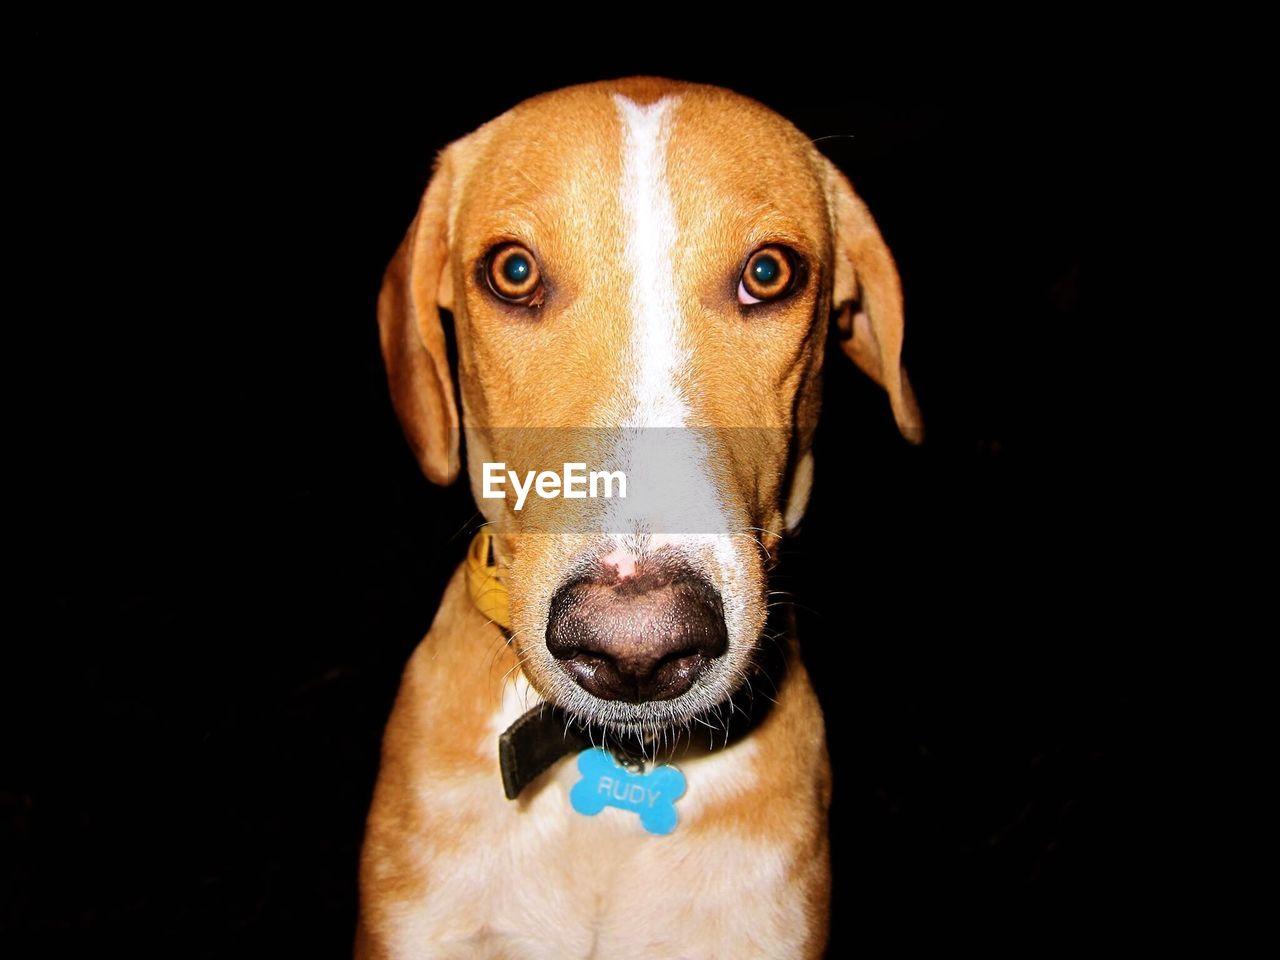 Close-Up Portrait Of Dog Over Black Background